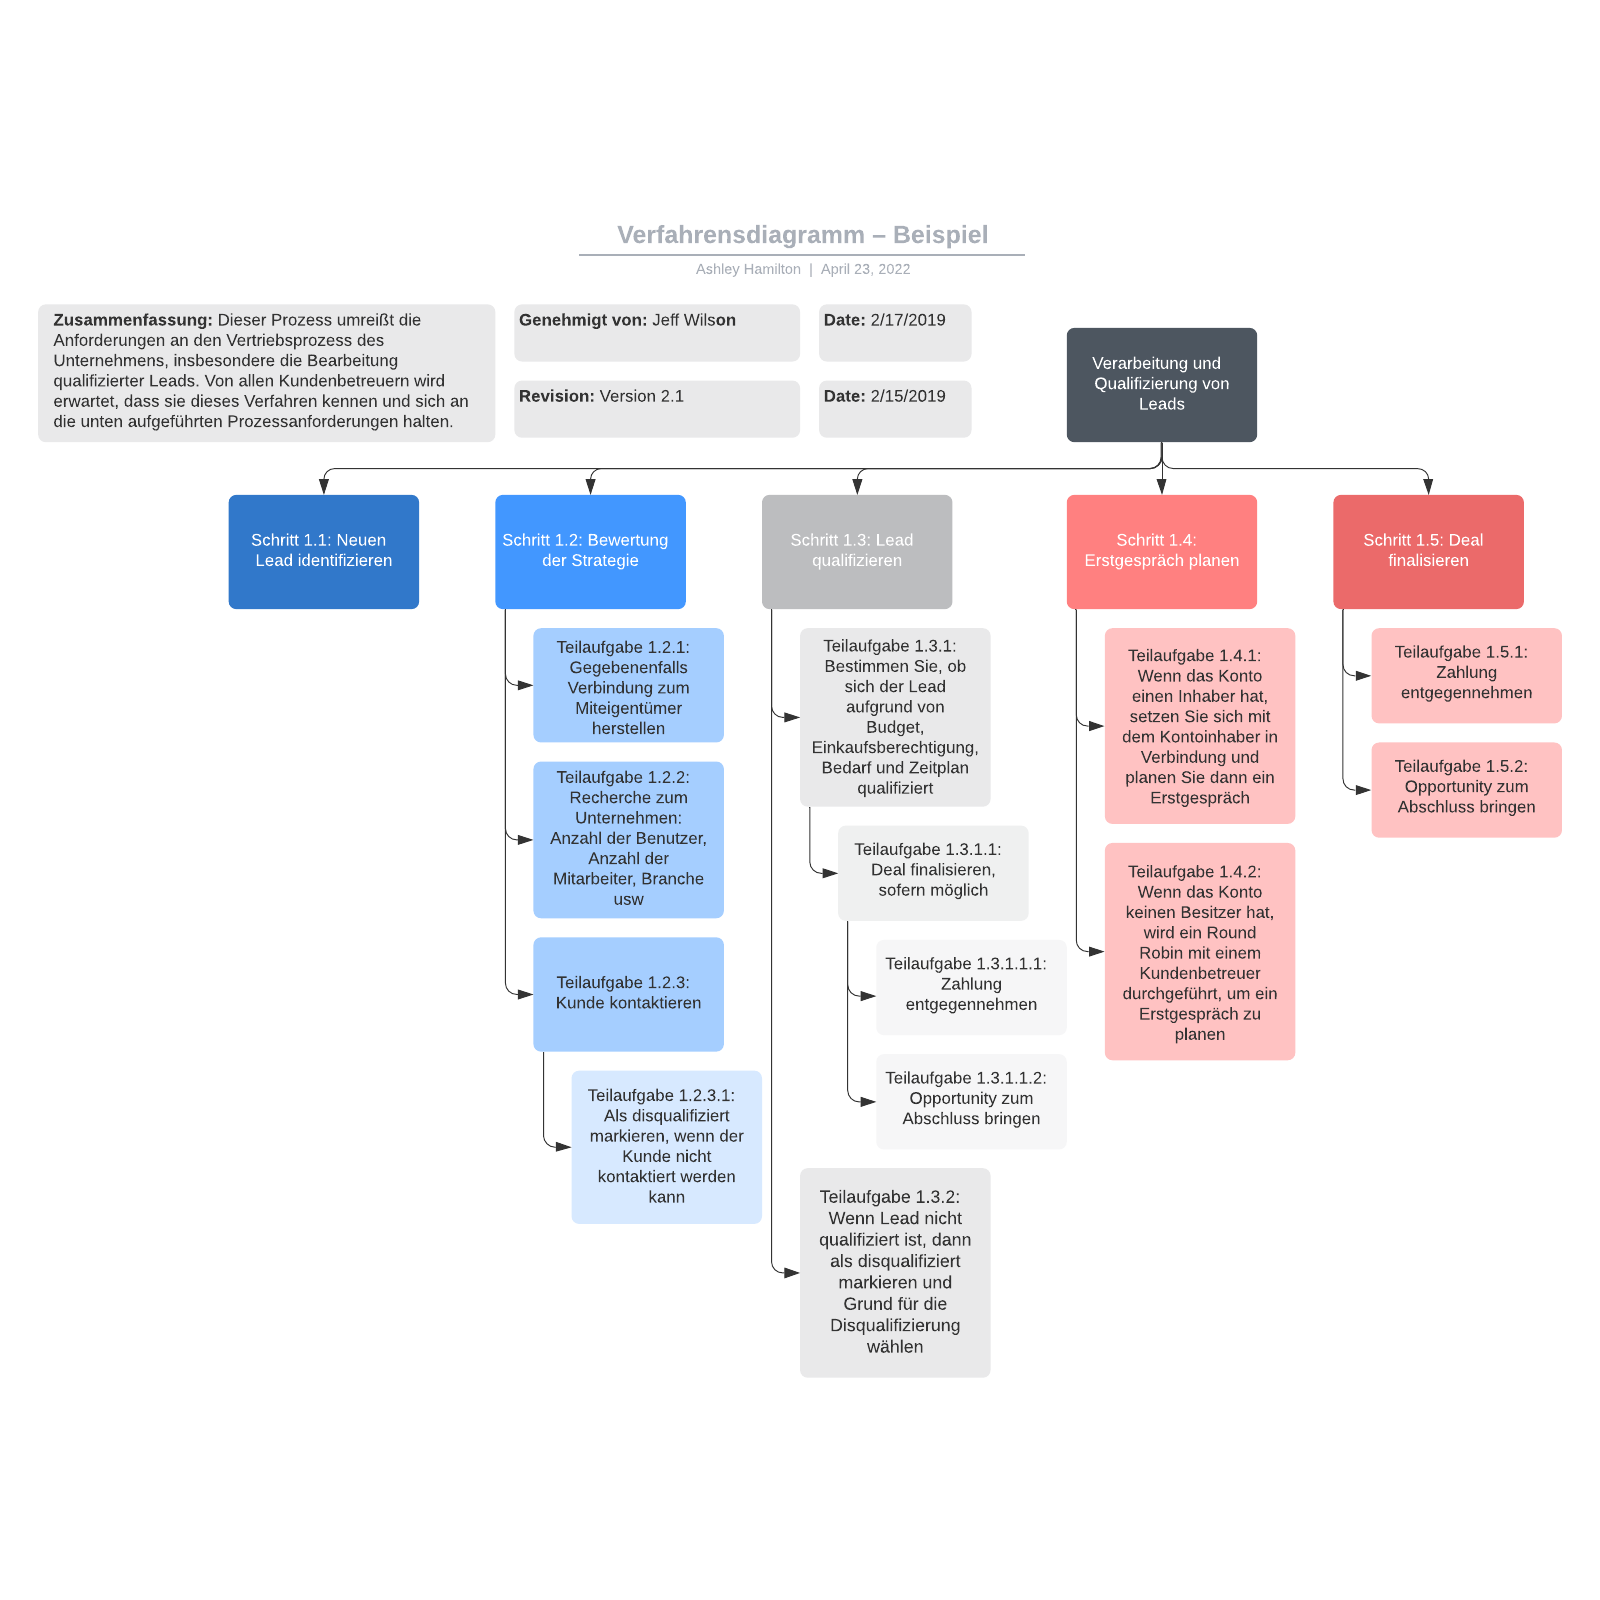 Verfahrensdiagramm – Beispiel